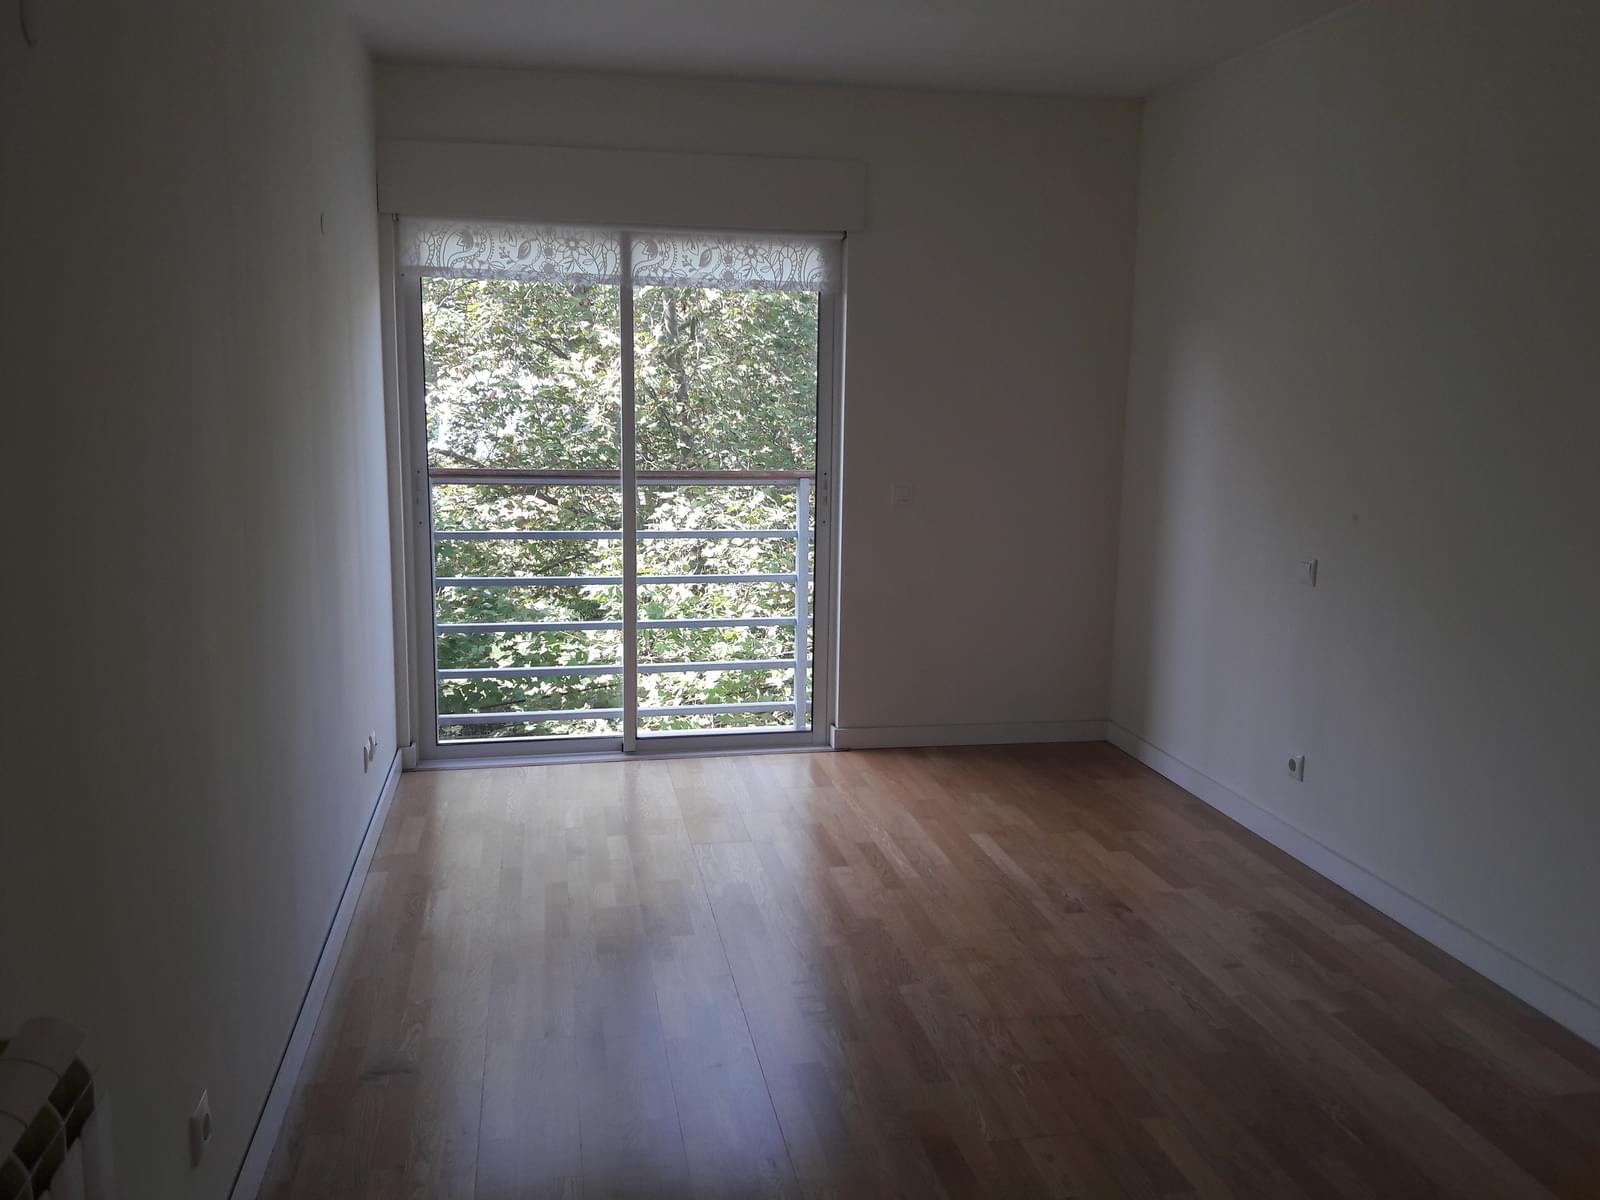 pf18143-apartamento-t3-cascais-11e57fcc-d5f6-4b62-804d-55a1b34fcdf6